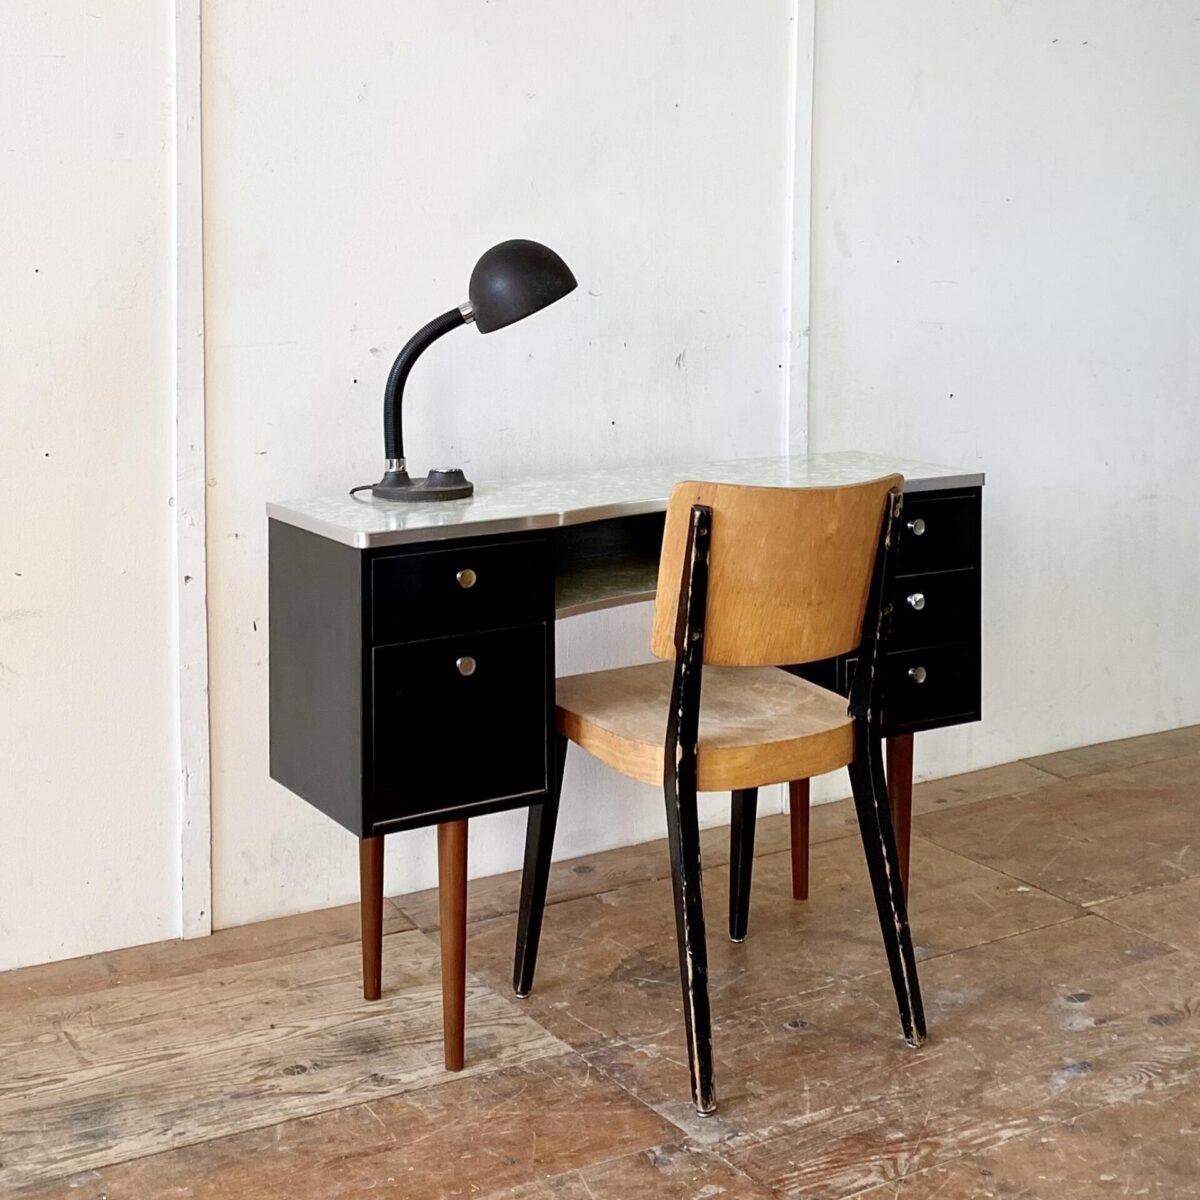 Deuxieme.shop Art déco. Kleiner Schreibtisch oder Schminktisch mit Aluminium Kanten. Der Tisch könnte von der Zürcher Firma Schalk, aus den 50er Jahren, sein. Tischblatt und Ablage aus grün gemustertem Kelko, Schubladenkorpus mit schwarzem Kunstharz belegt. Die Griffe sind etwas abgegriffen und teilweise verbogen. Die Aluminiumkante ist an einer Ecke gebrochen, hält aber fest am Tischblatt. Die konischen Rundbeine sind aus Buchenholz, gebeizt und lackiert.